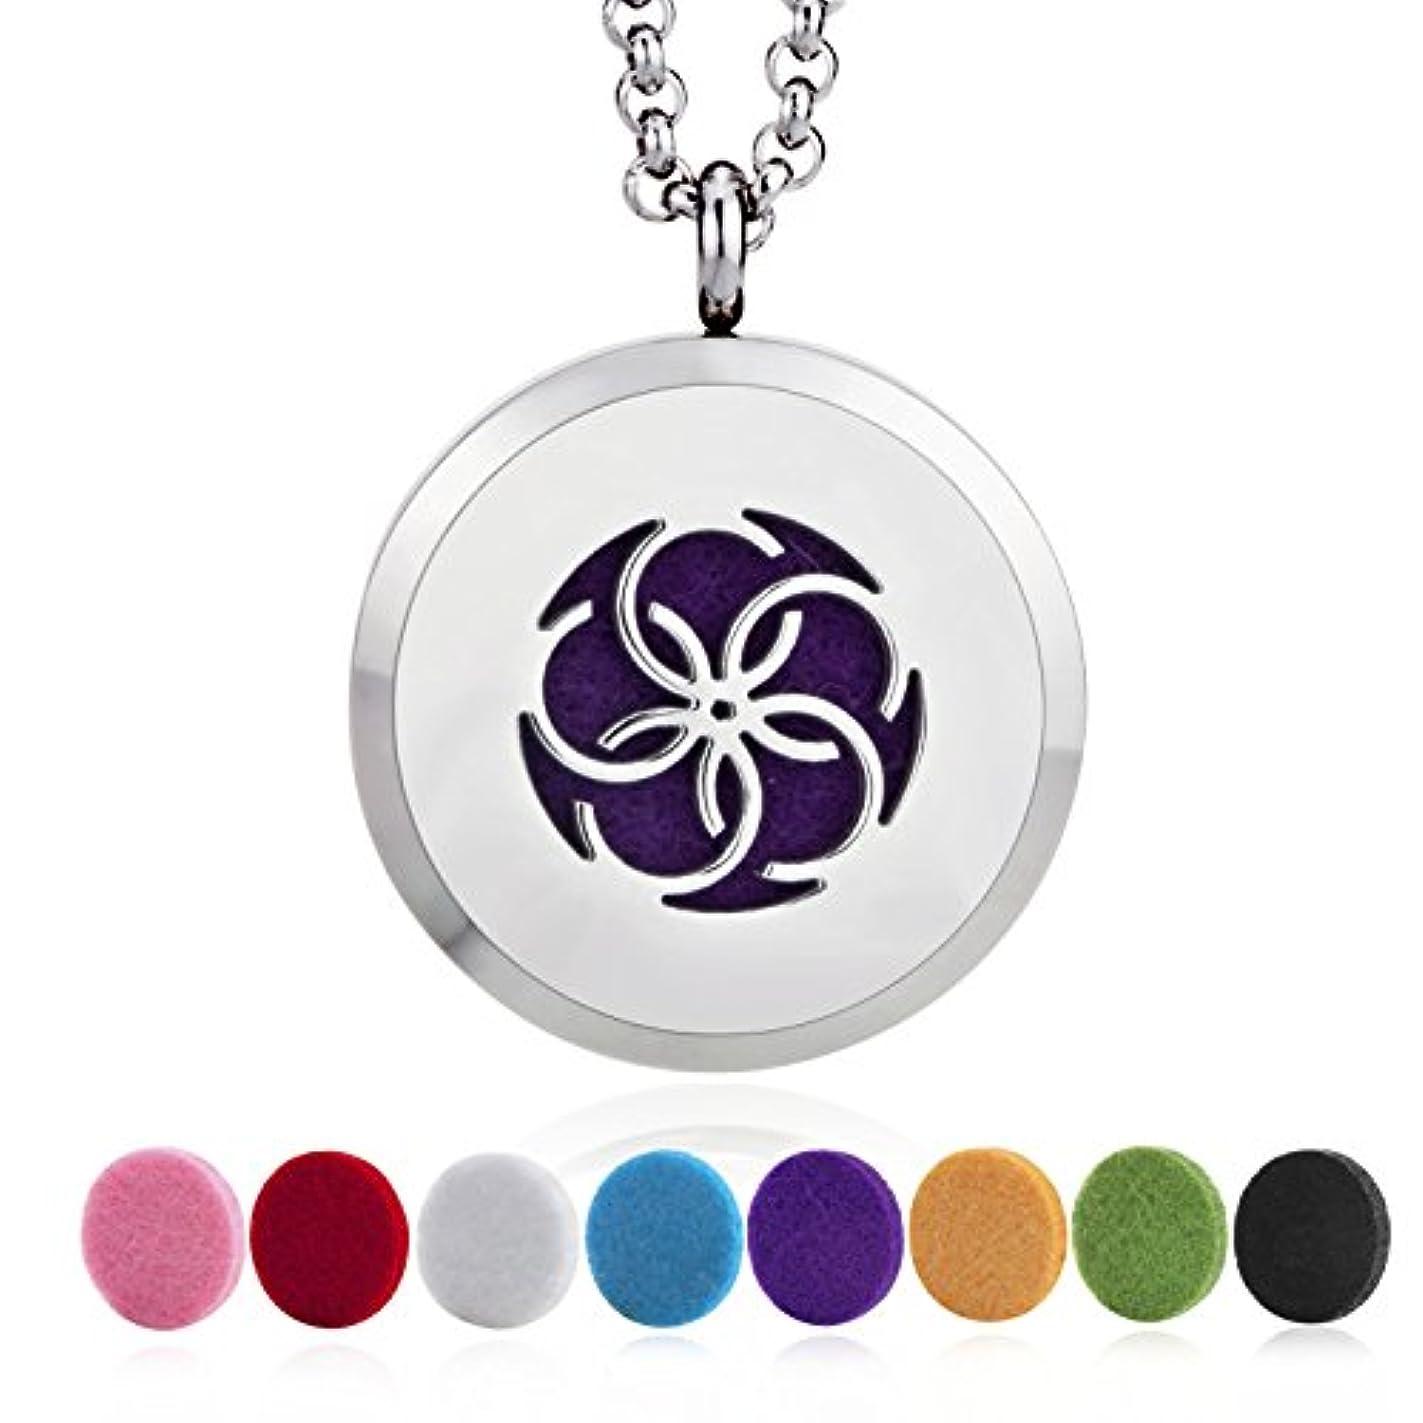 検査官カルシウム満足Aromatherapy Essential Oil Diffuser necklace-stainlessスチール2つのロケットペンダントチェーン+ 8フェルトパッド